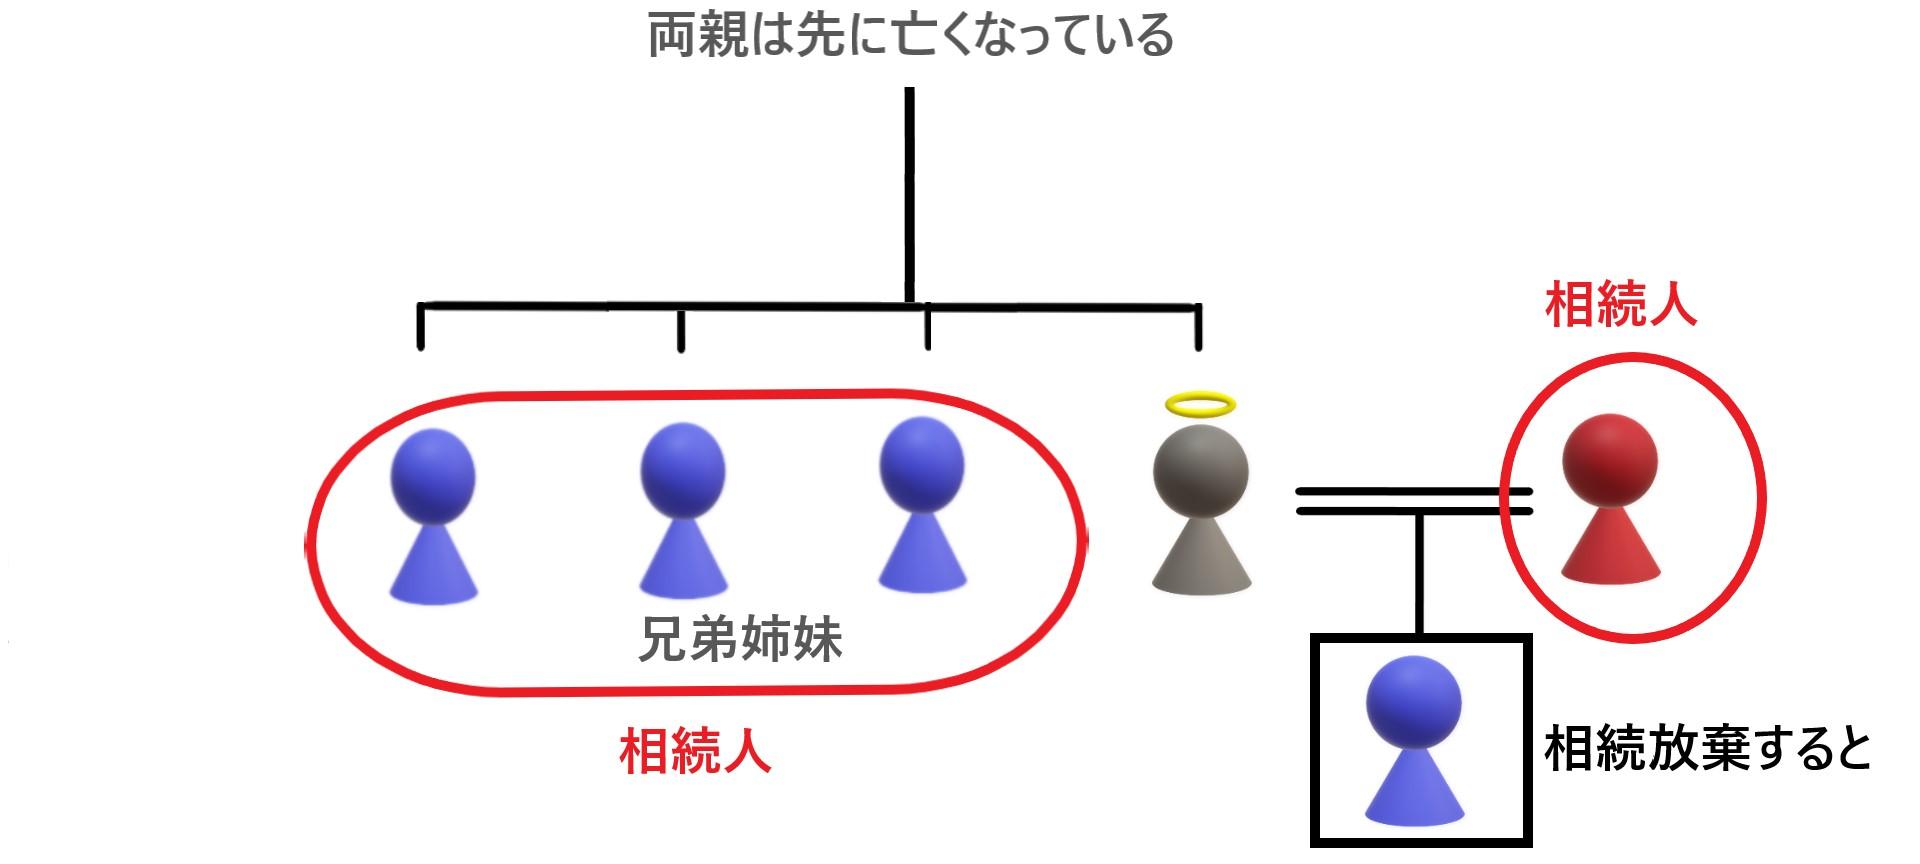 第一順位が相続放棄して第三順位が相続人になった相続関係説明図